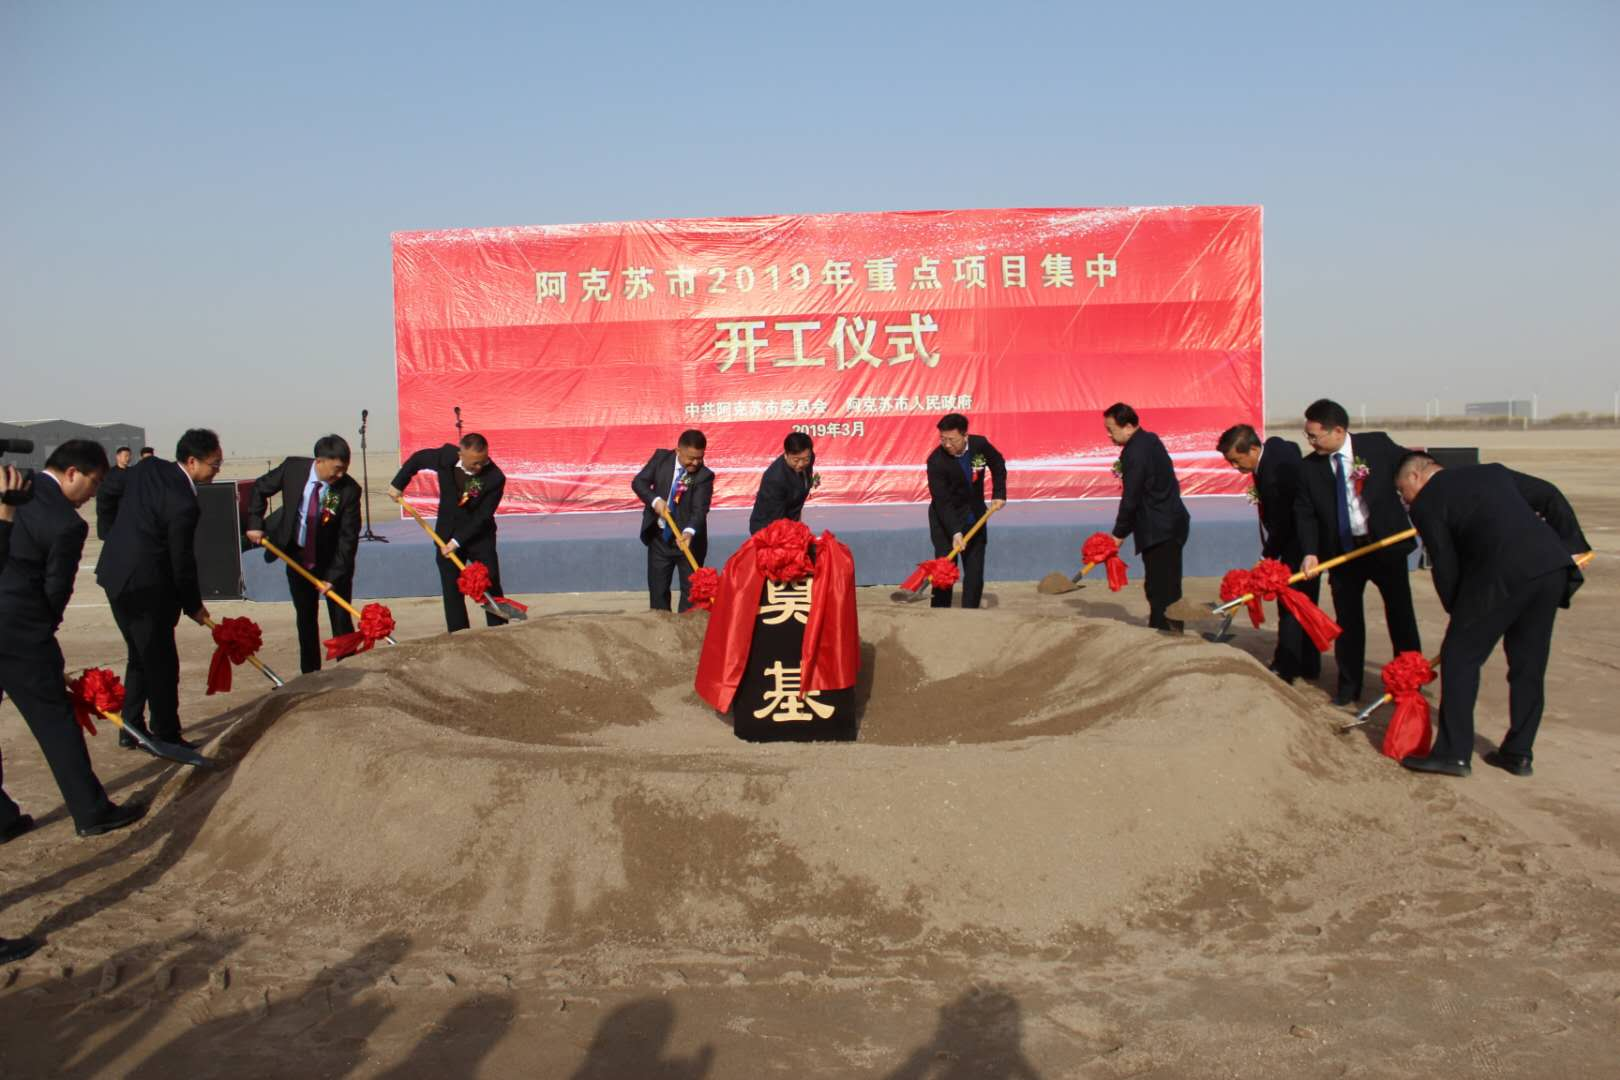 創蘭子公司新疆吉爾特電器有限公司奠基儀式